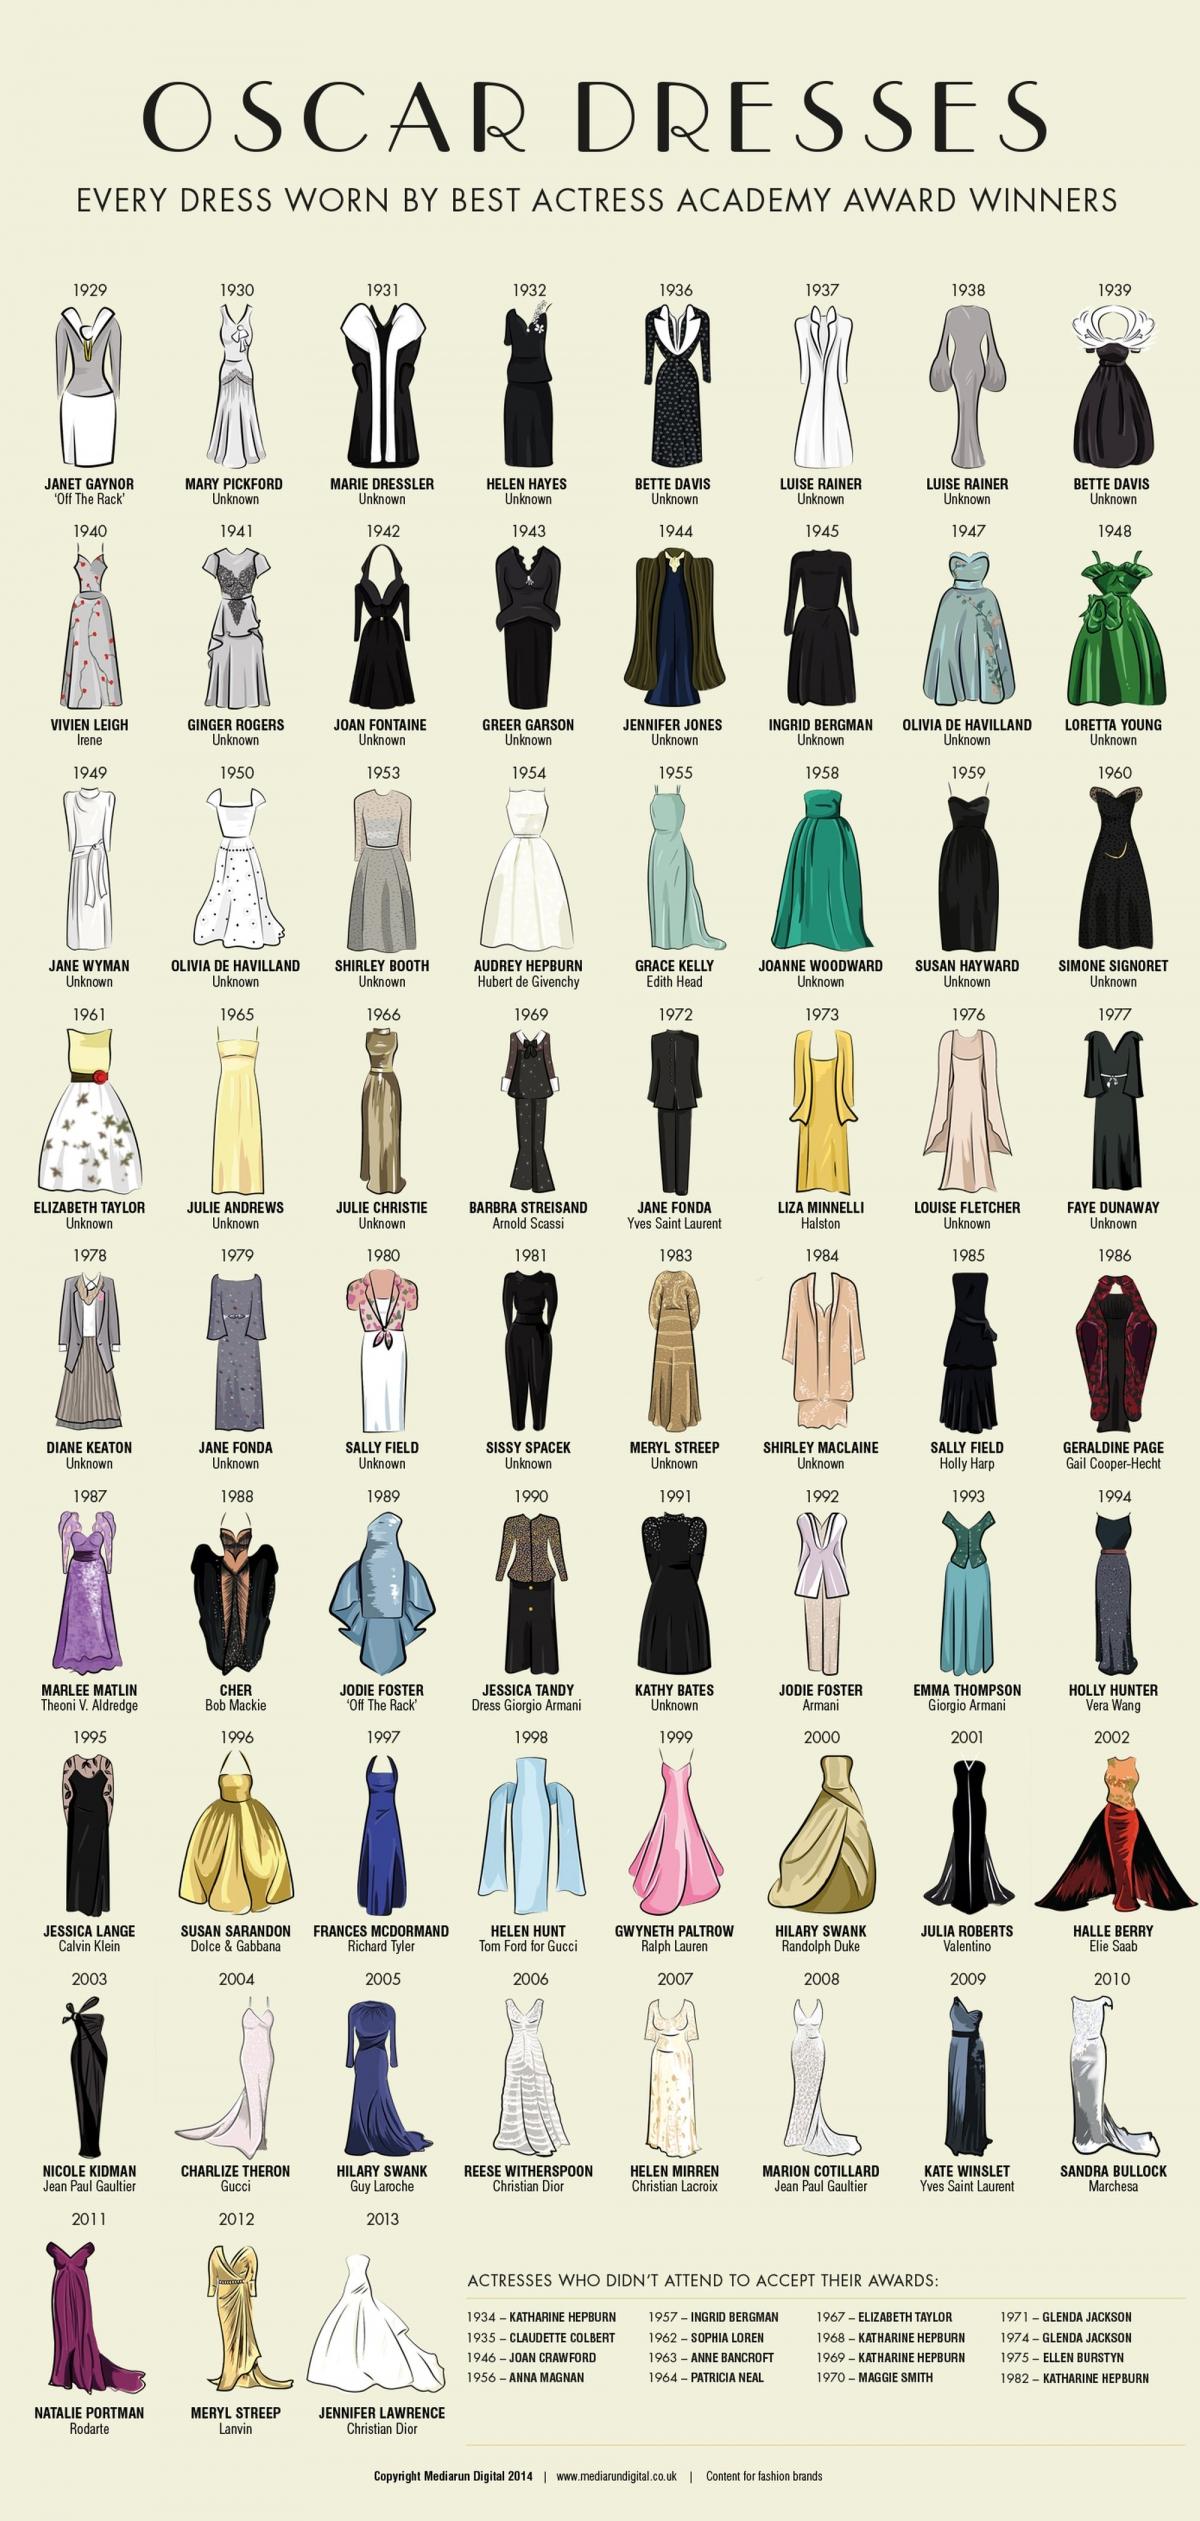 Dresses worn by Best Actress Oscar Winners since 1929